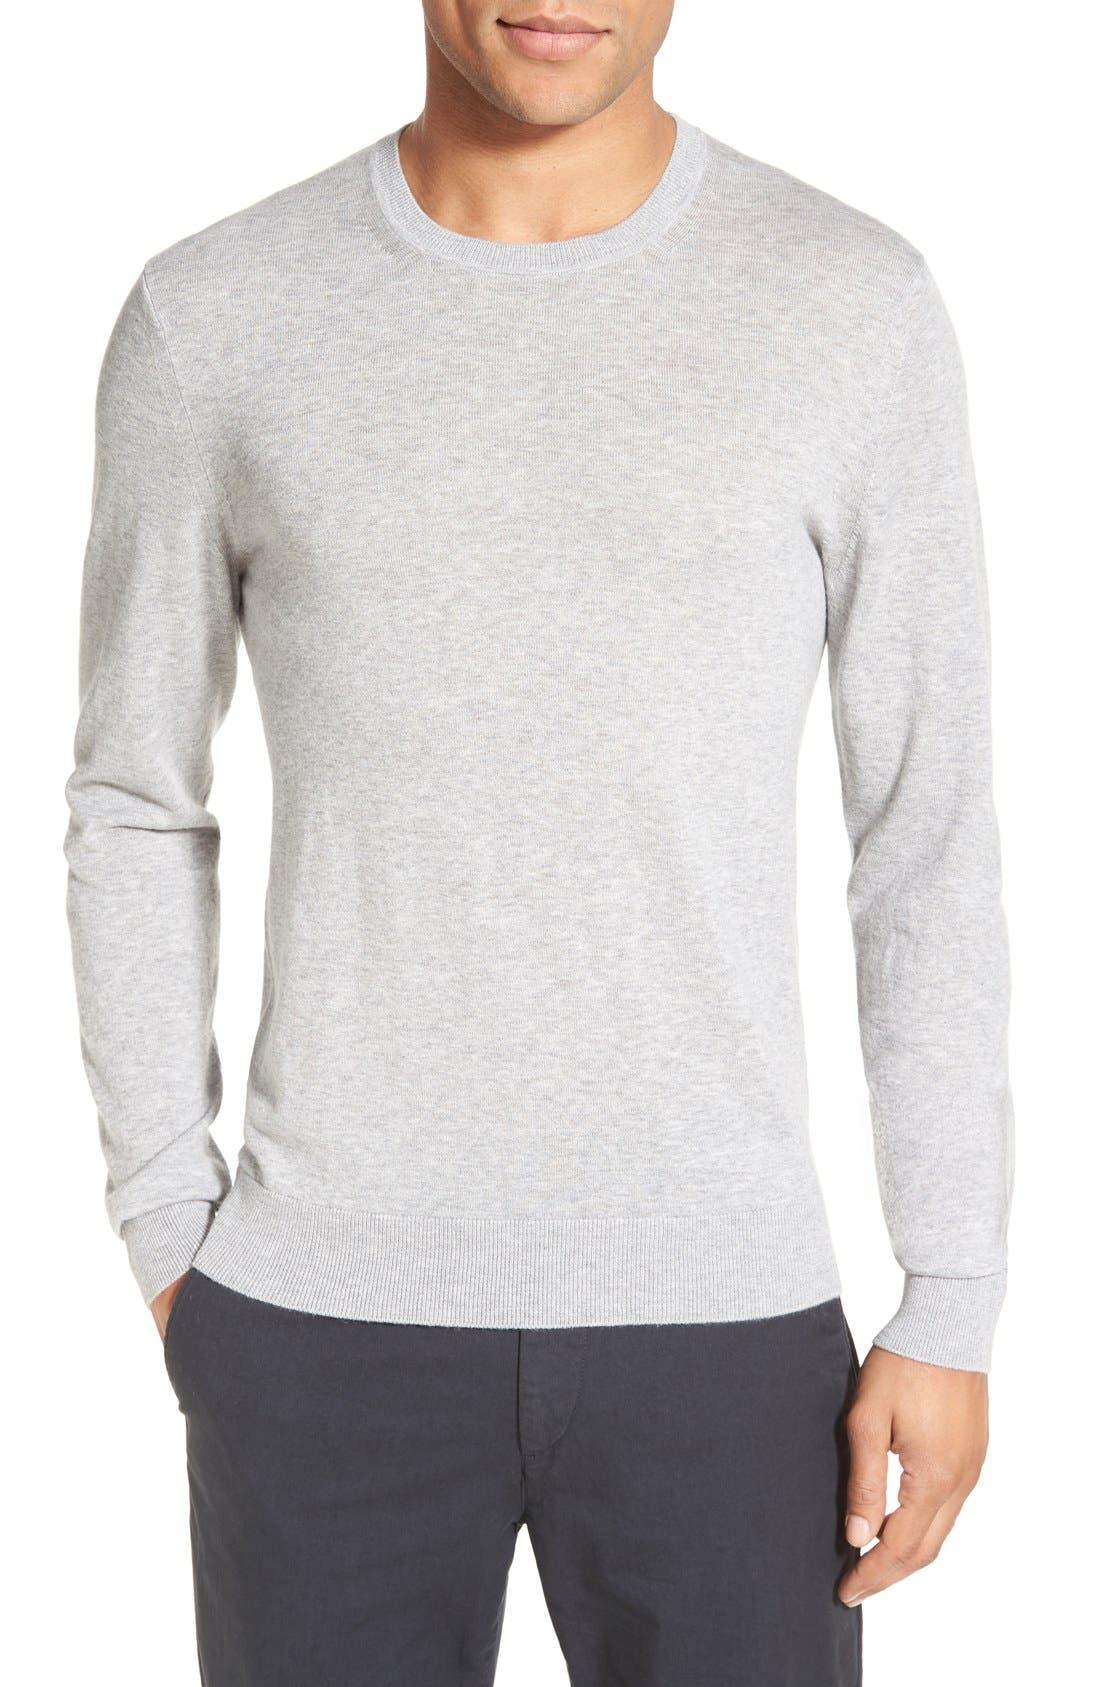 Brit Richmond Cotton & Cashmere Sweater,                             Main thumbnail 1, color,                             Pale Grey Melange